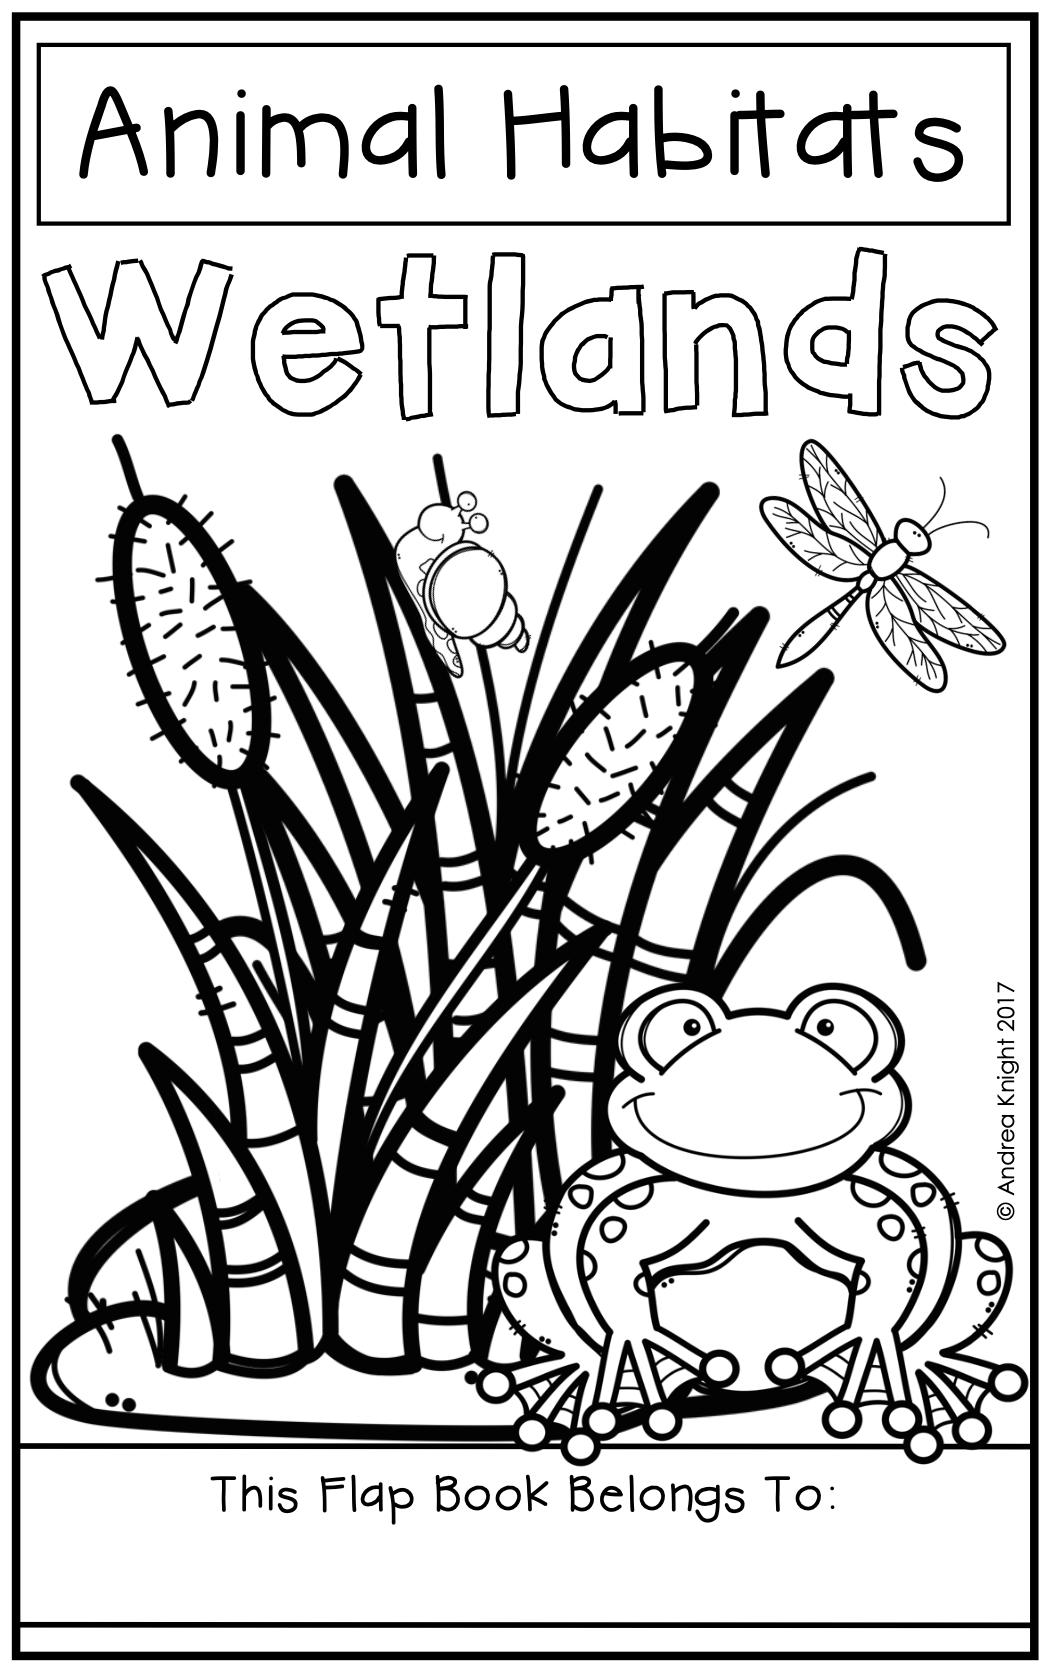 Animal Habitats Wetlands A Flap Book Project For Grades